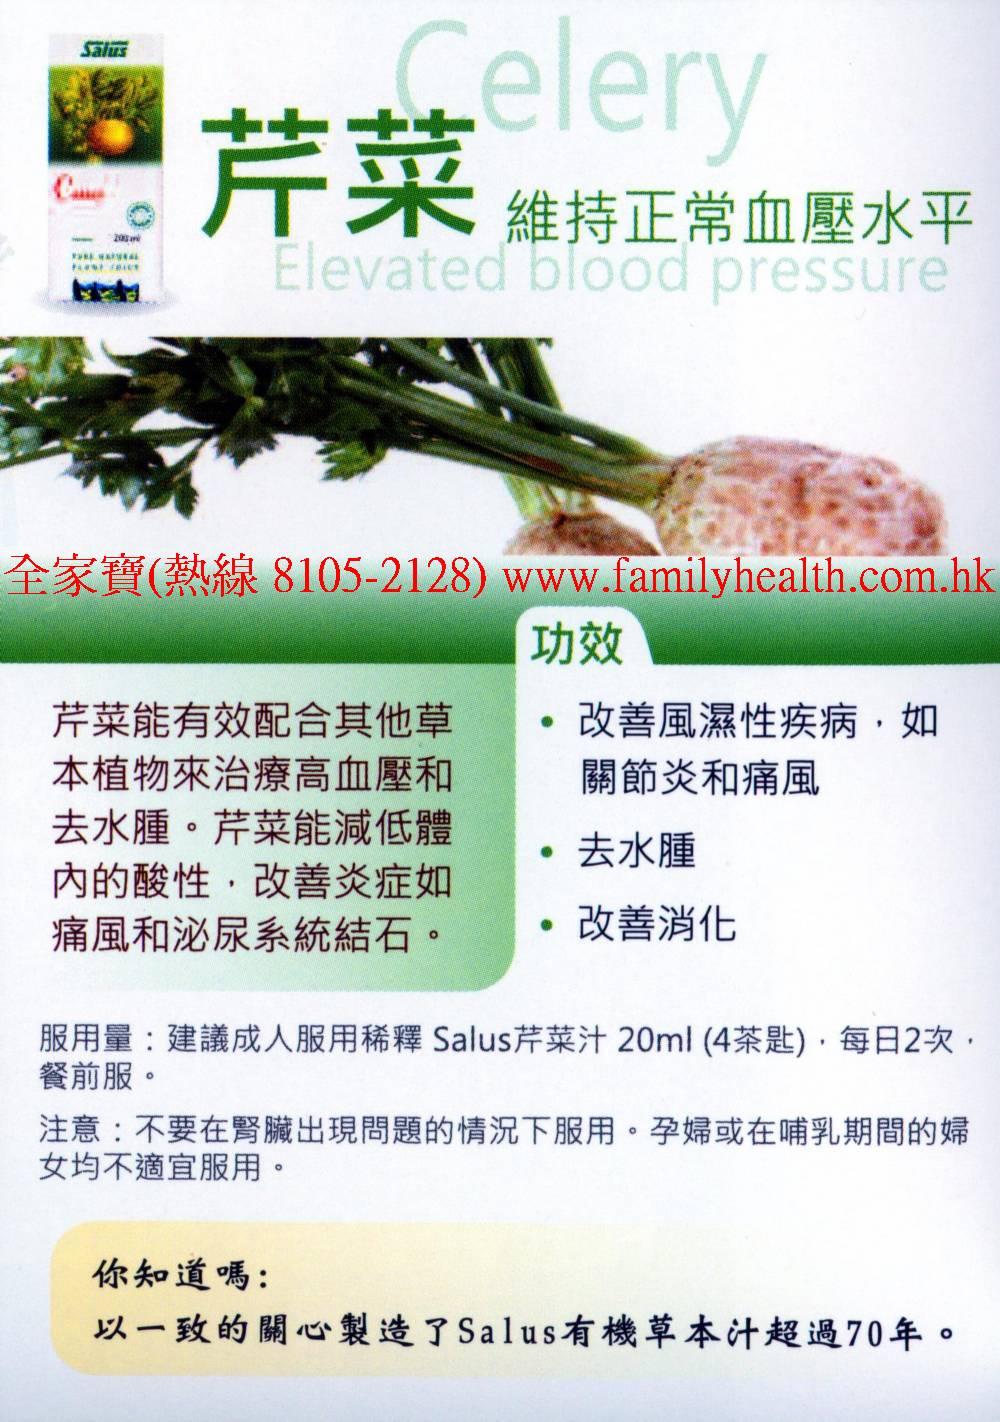 http://www.familyhealth.com.hk/files/full/196_1.jpg